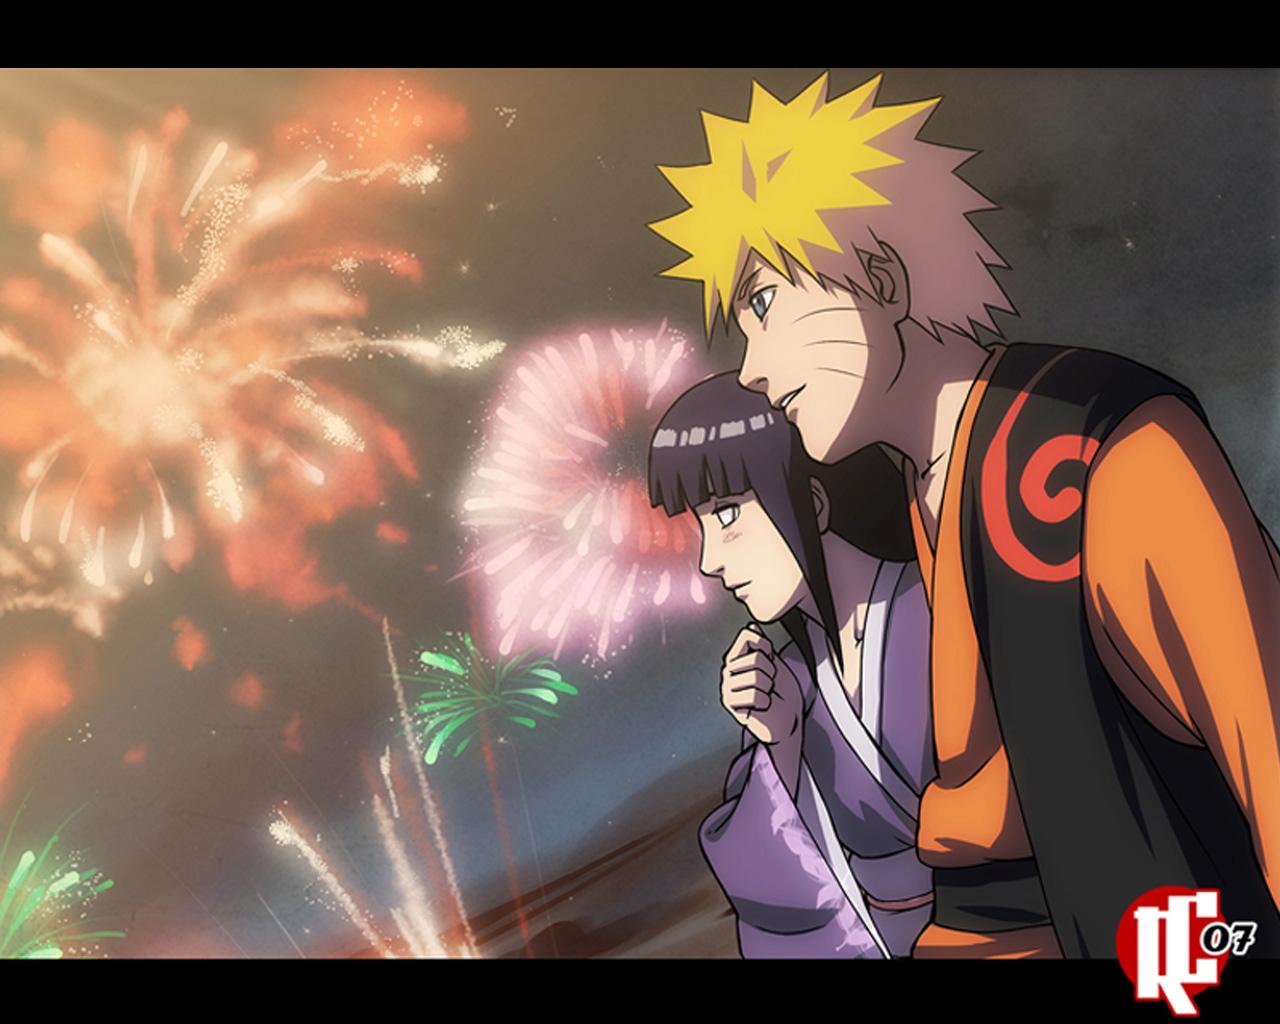 naruto vf wallpapers Hinata N Naruto 1280x1024